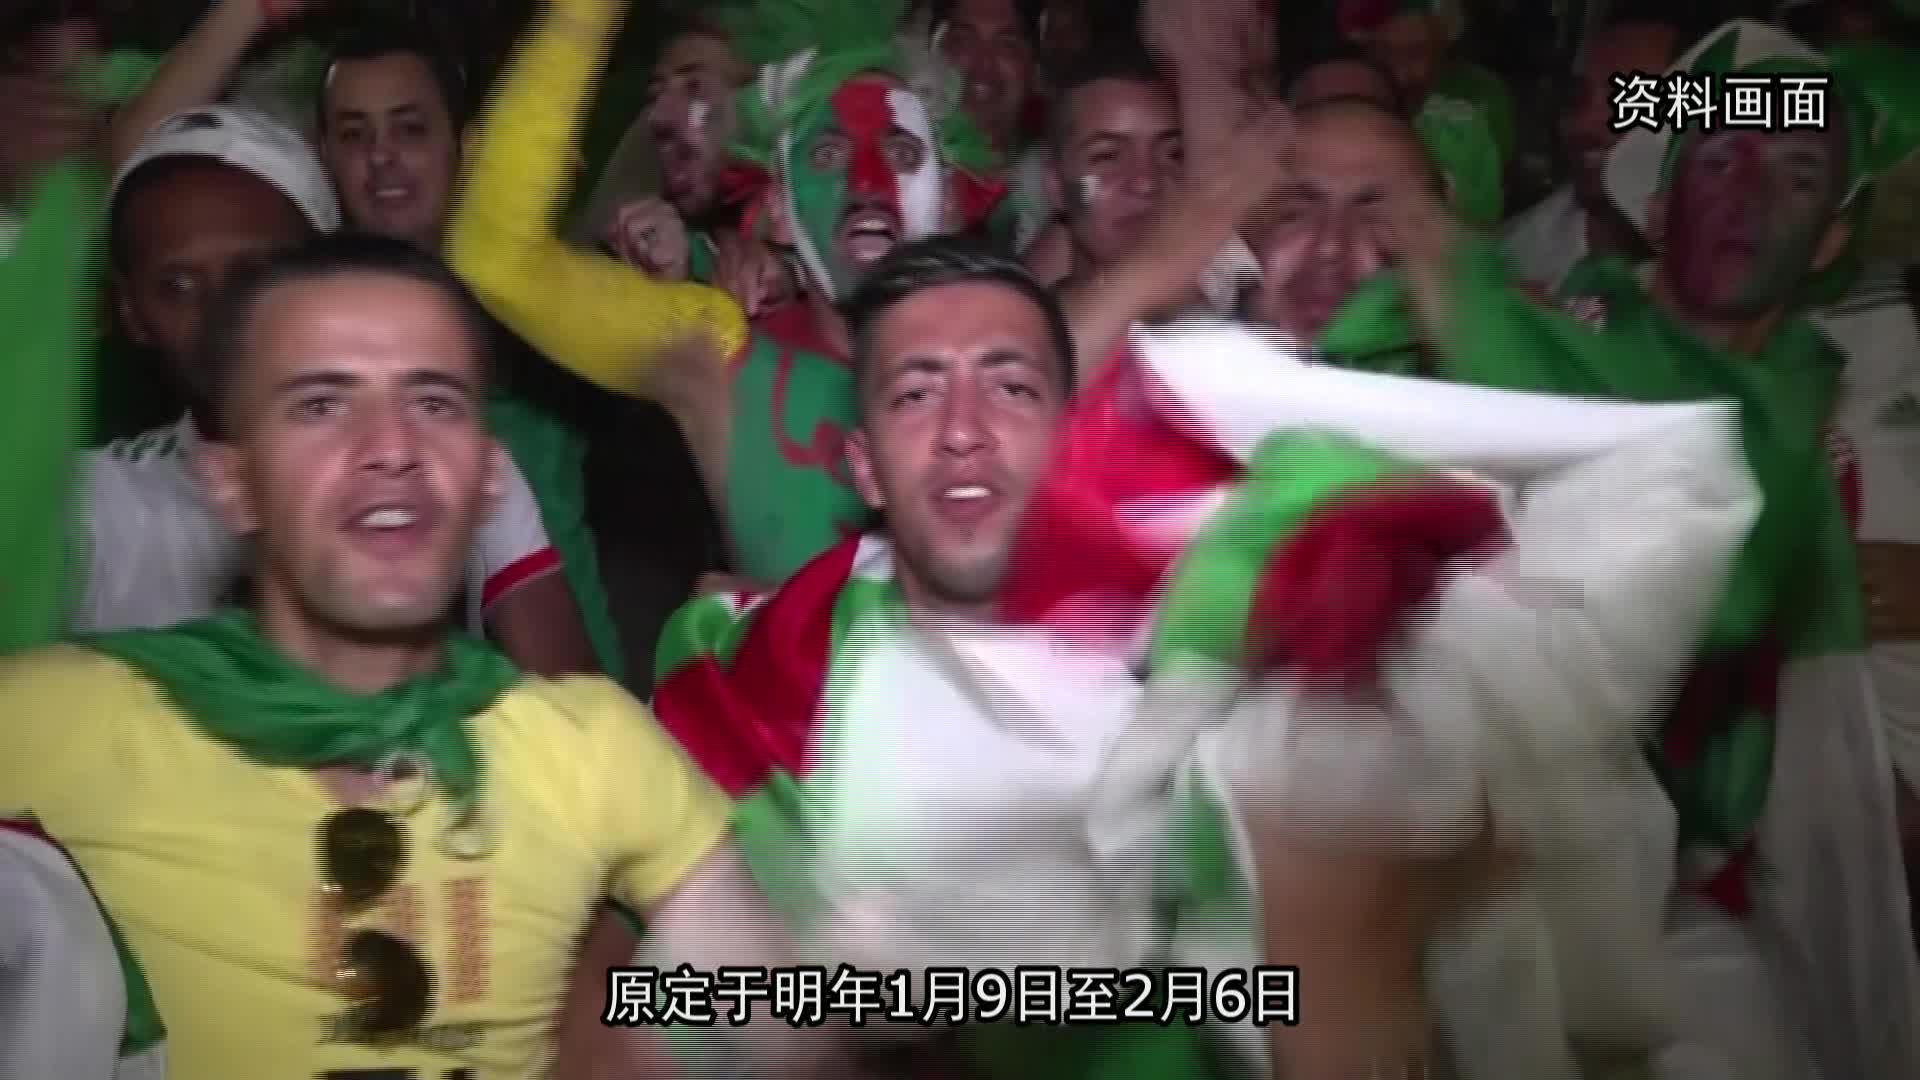 官宣 非洲杯延期至2022年举行